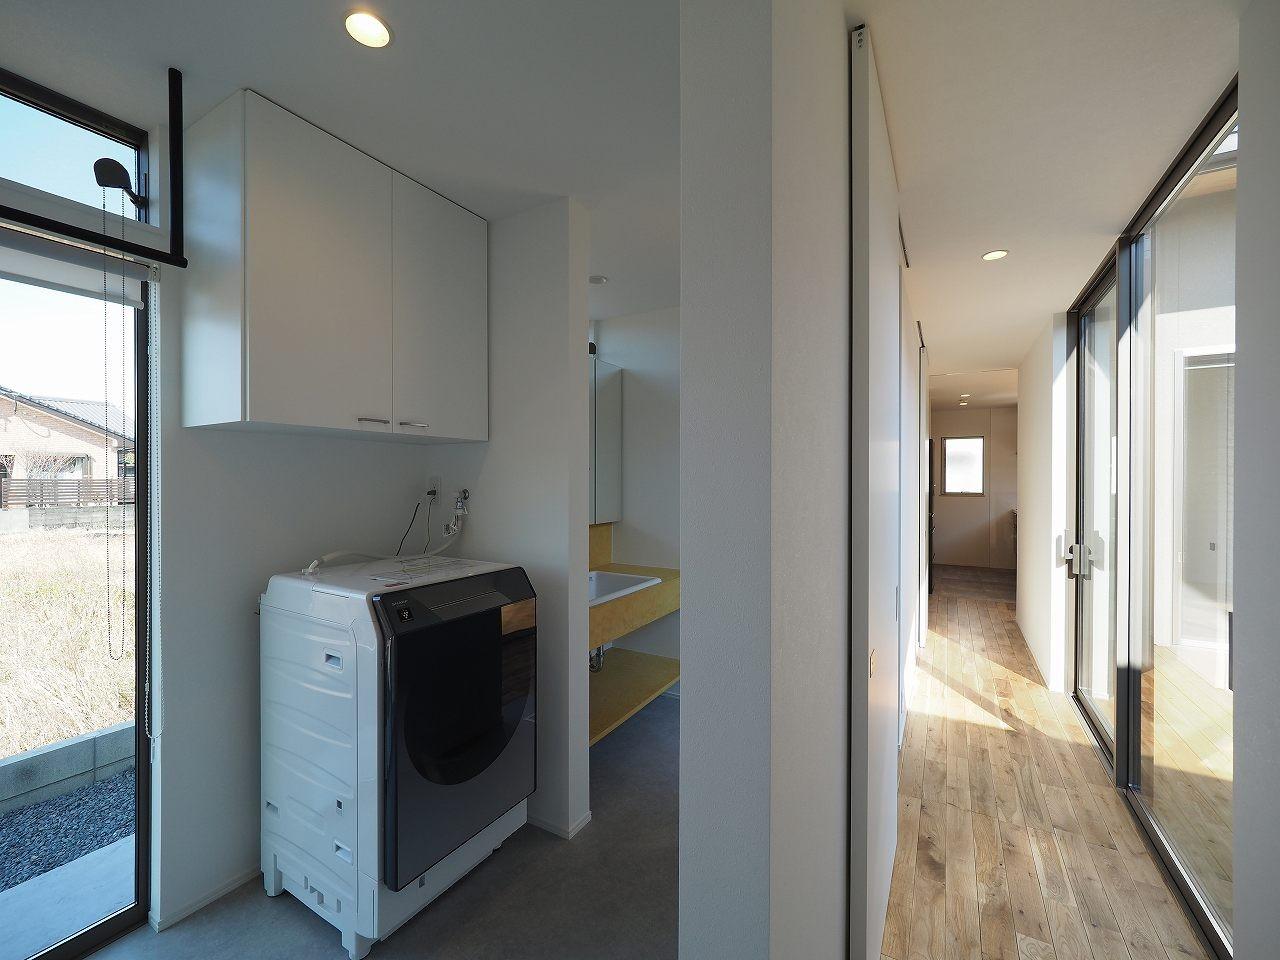 バス/トイレ事例:ランドリールーム(須賀崎の家  ロの字のコートハウス)